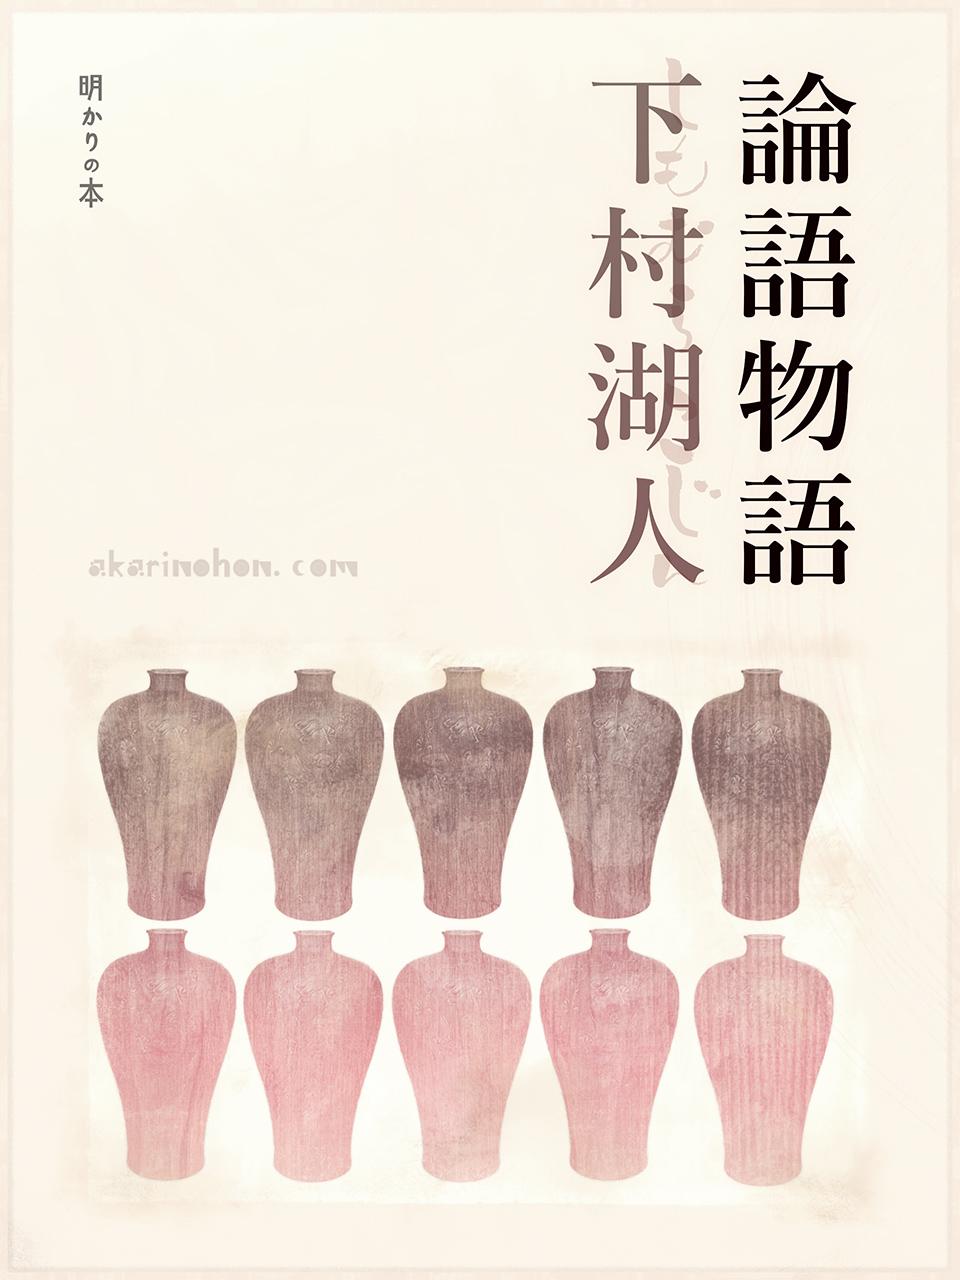 0000 - 論語物語(23) 下村湖人